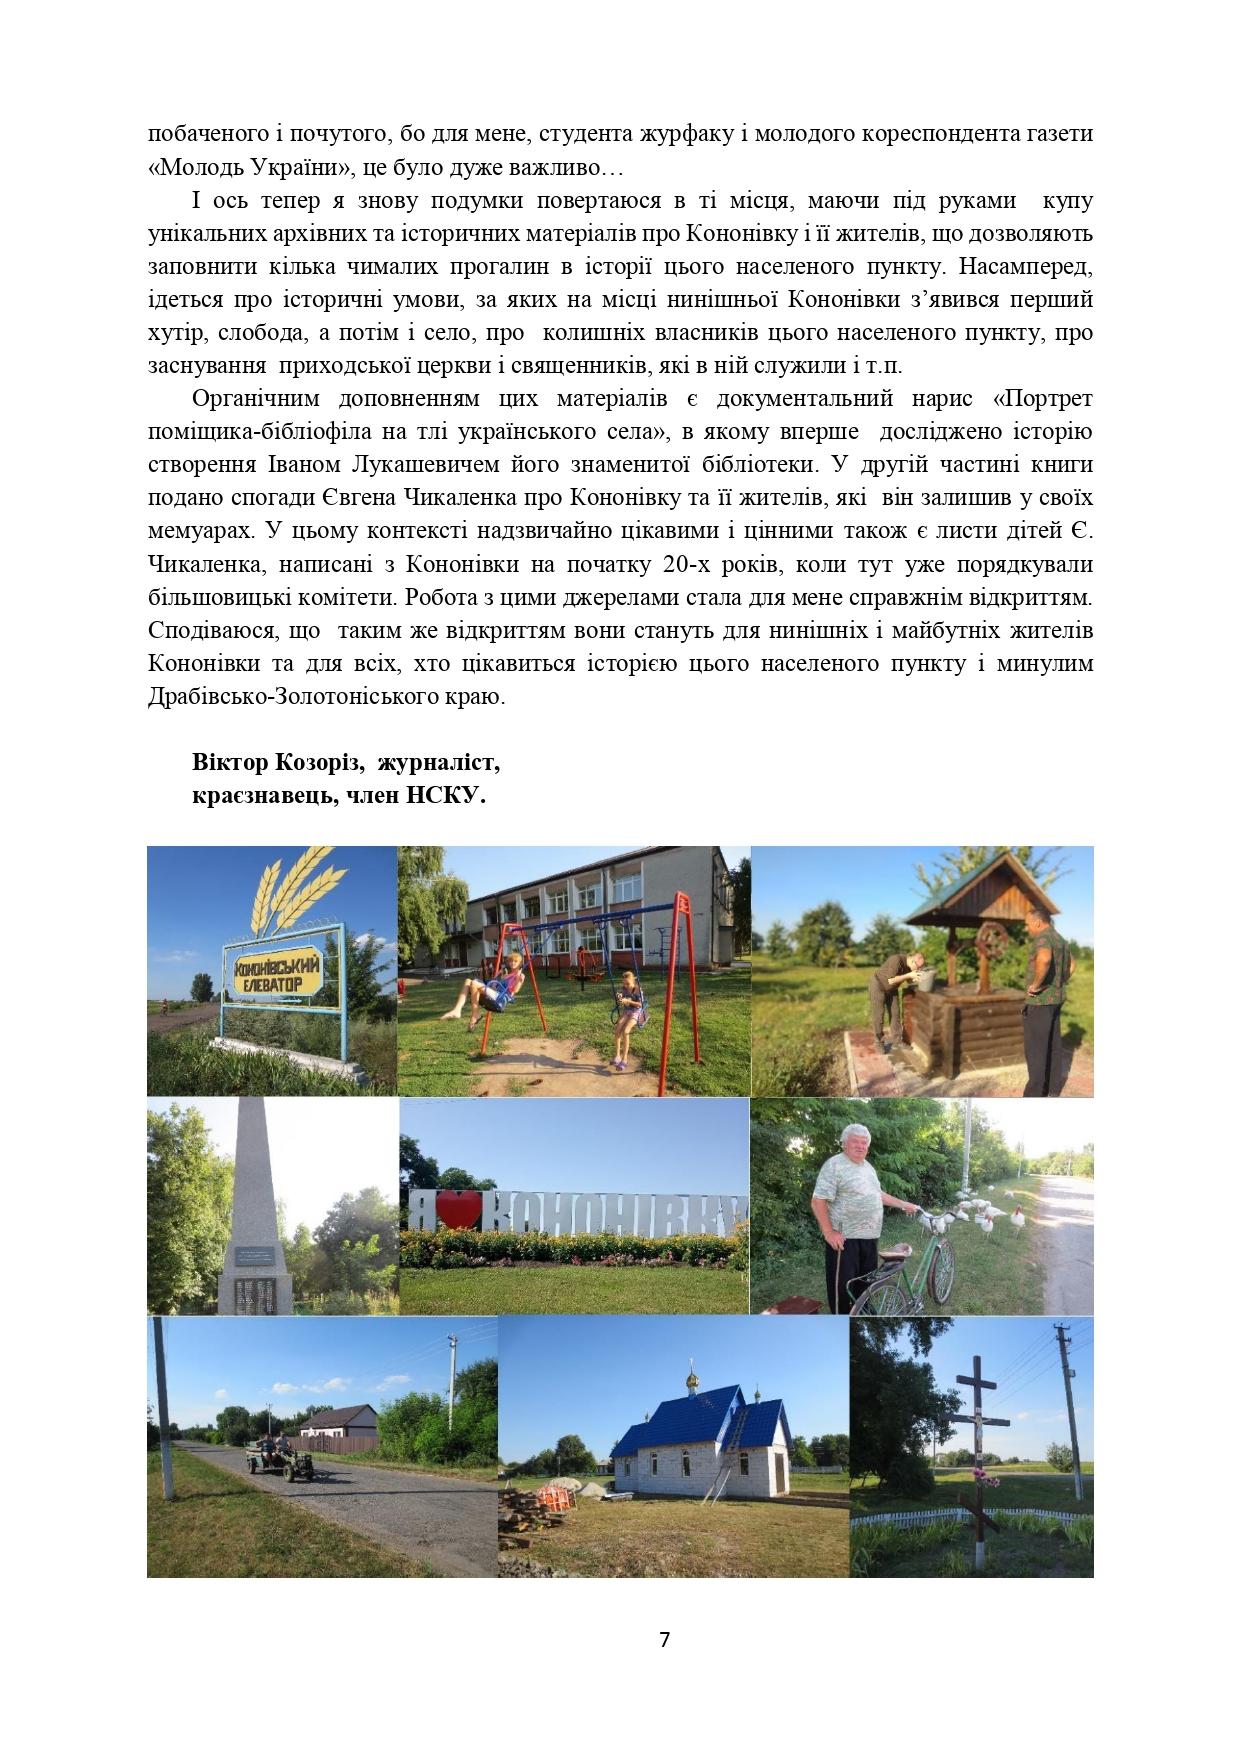 ІСТОРІЯ СЕЛА КОНОНІВКА 2021 (1)_page-0007